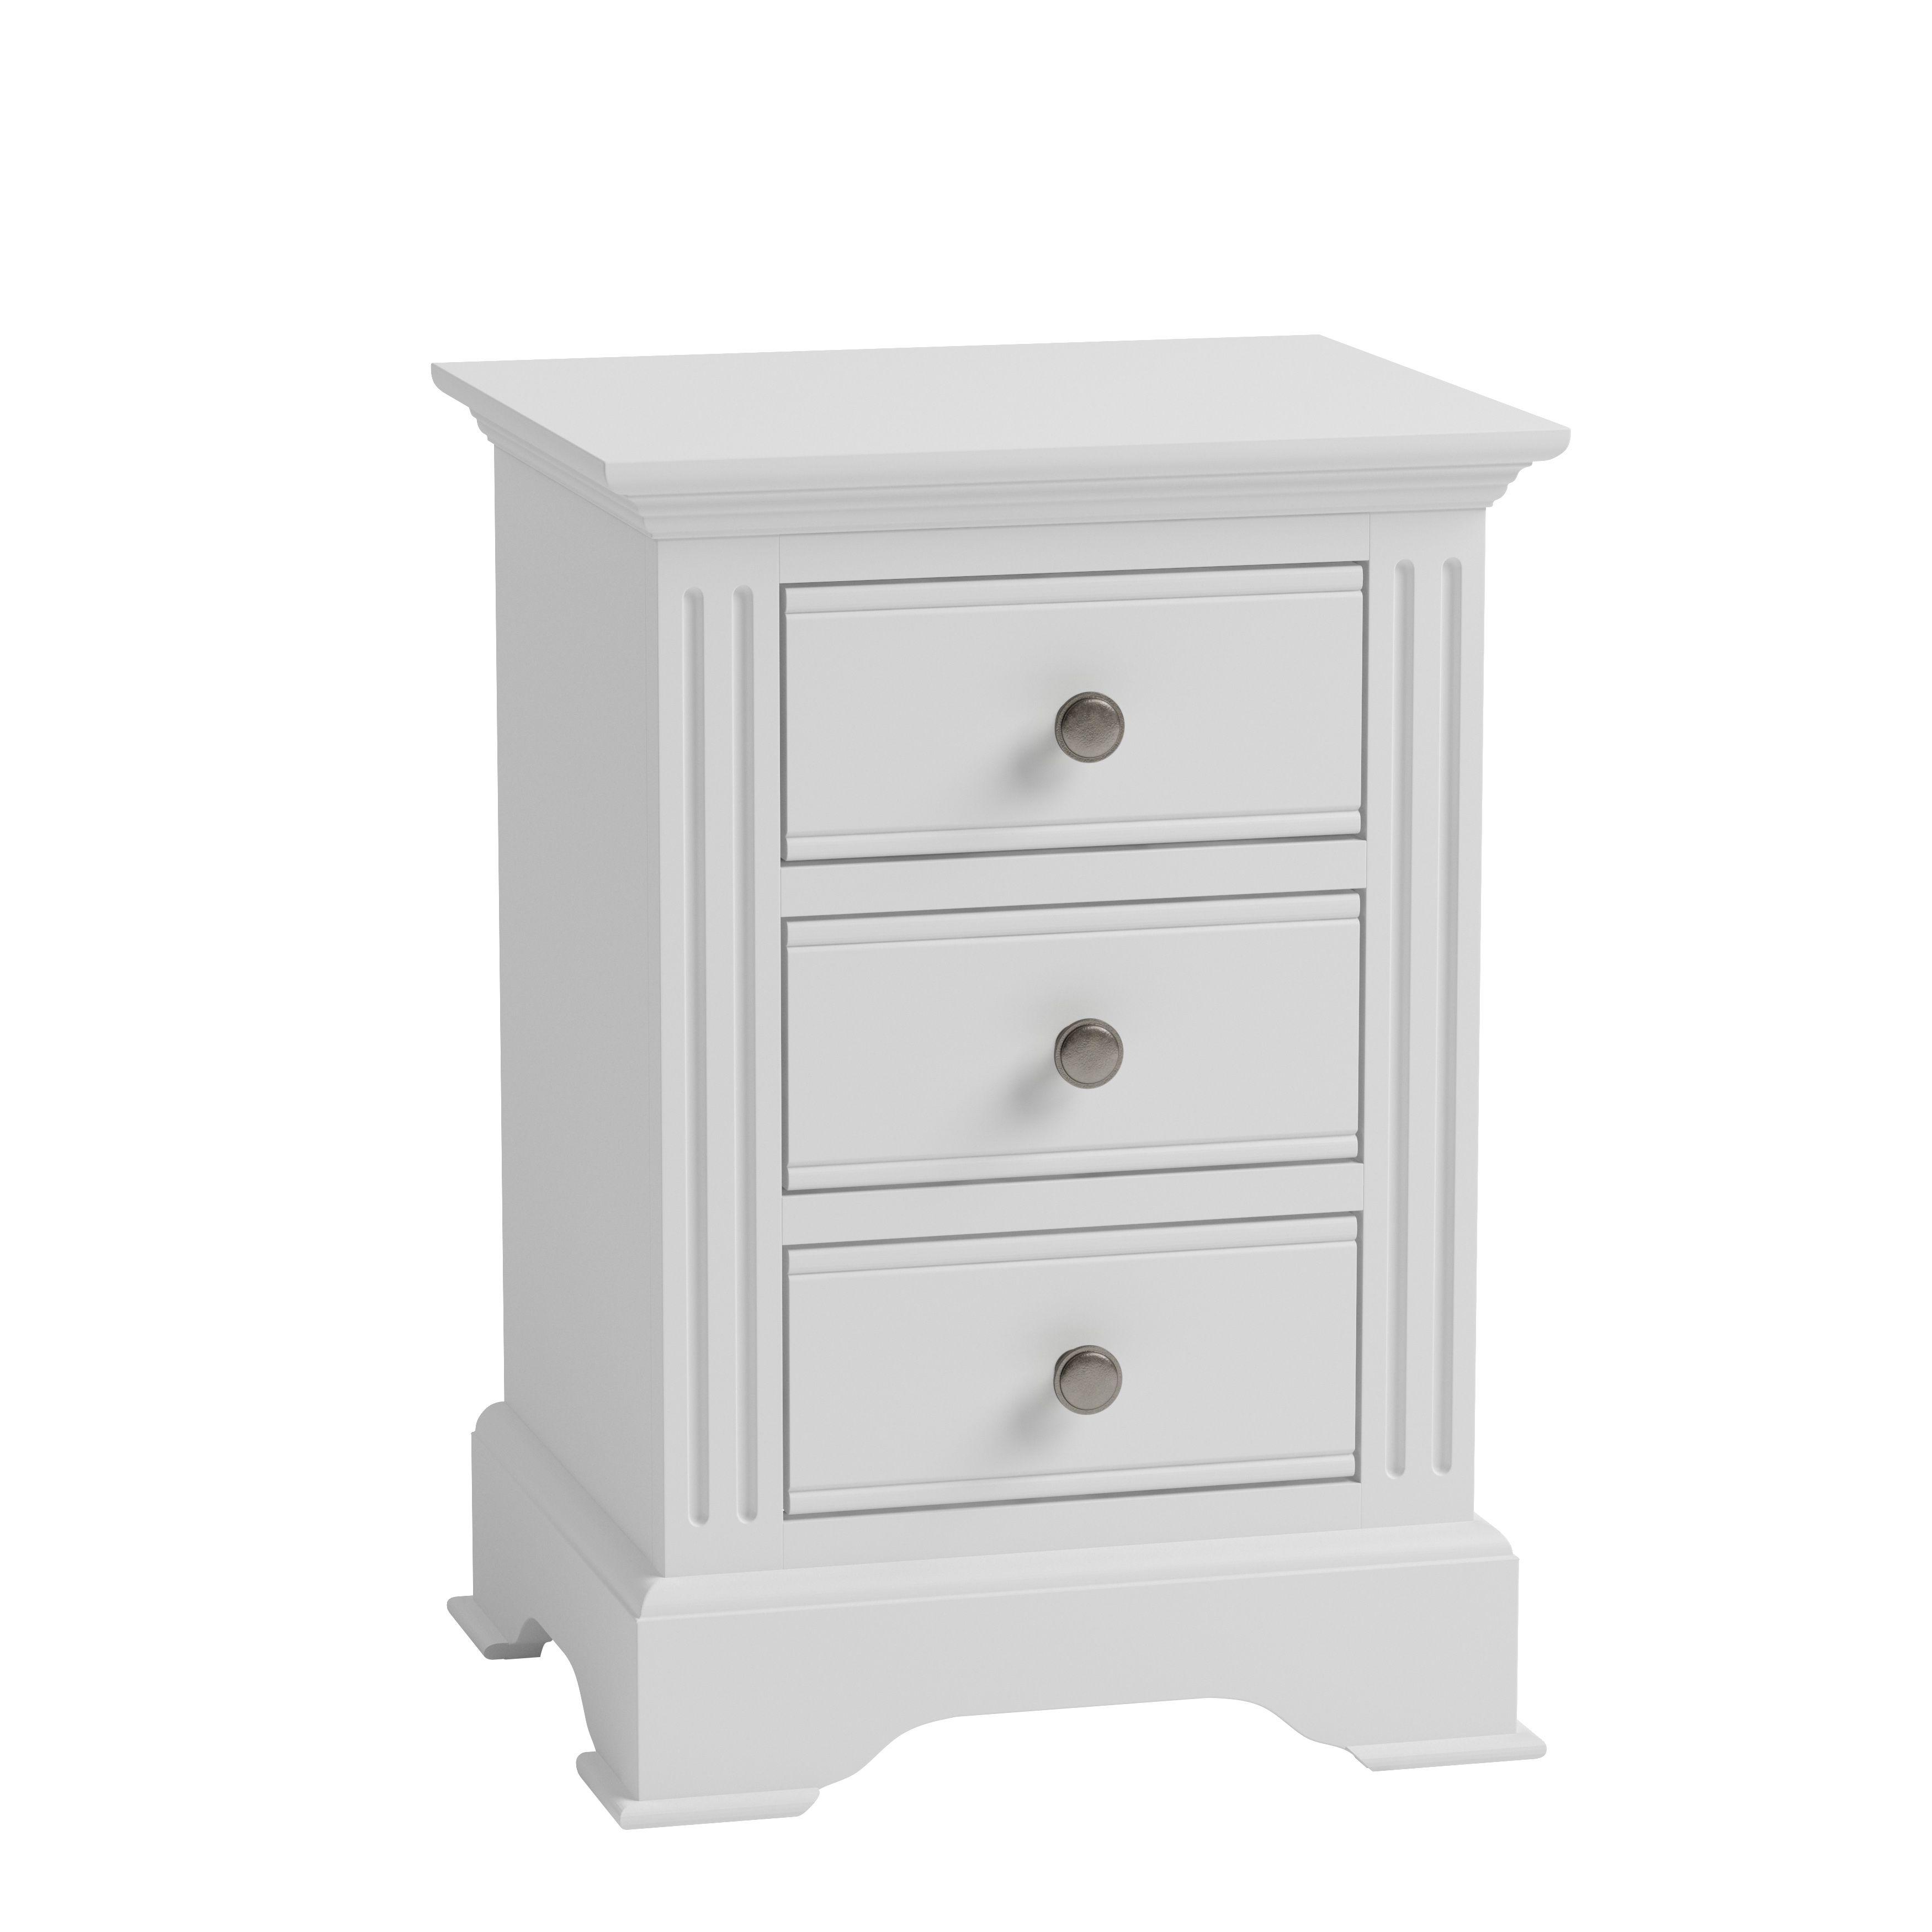 EIFFLE WHITE - Large Bedside Cabinet